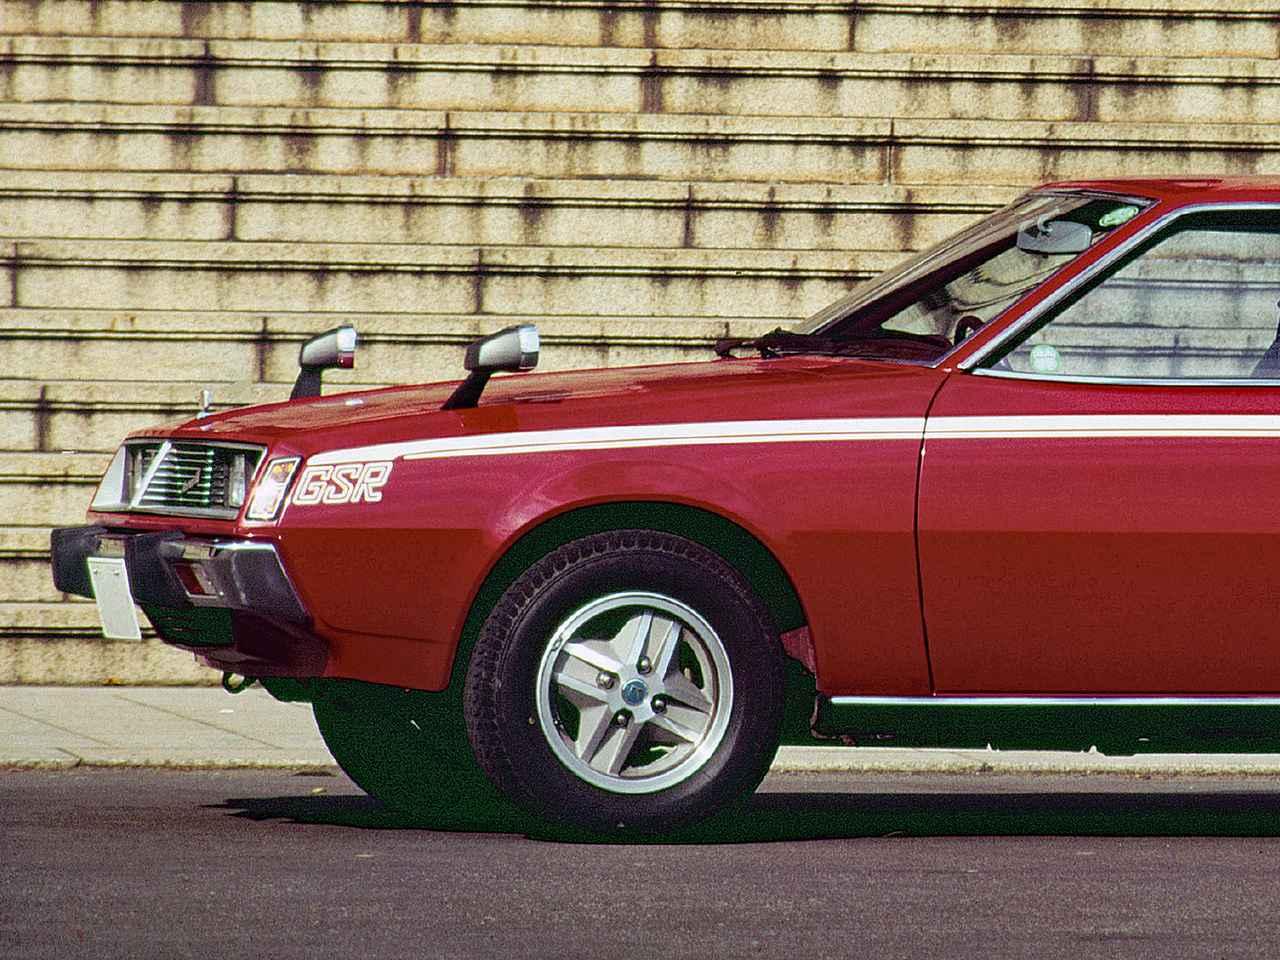 【昭和の名車 59】三菱 ギャランラムダ 2000GSR:昭和51年(1976年)